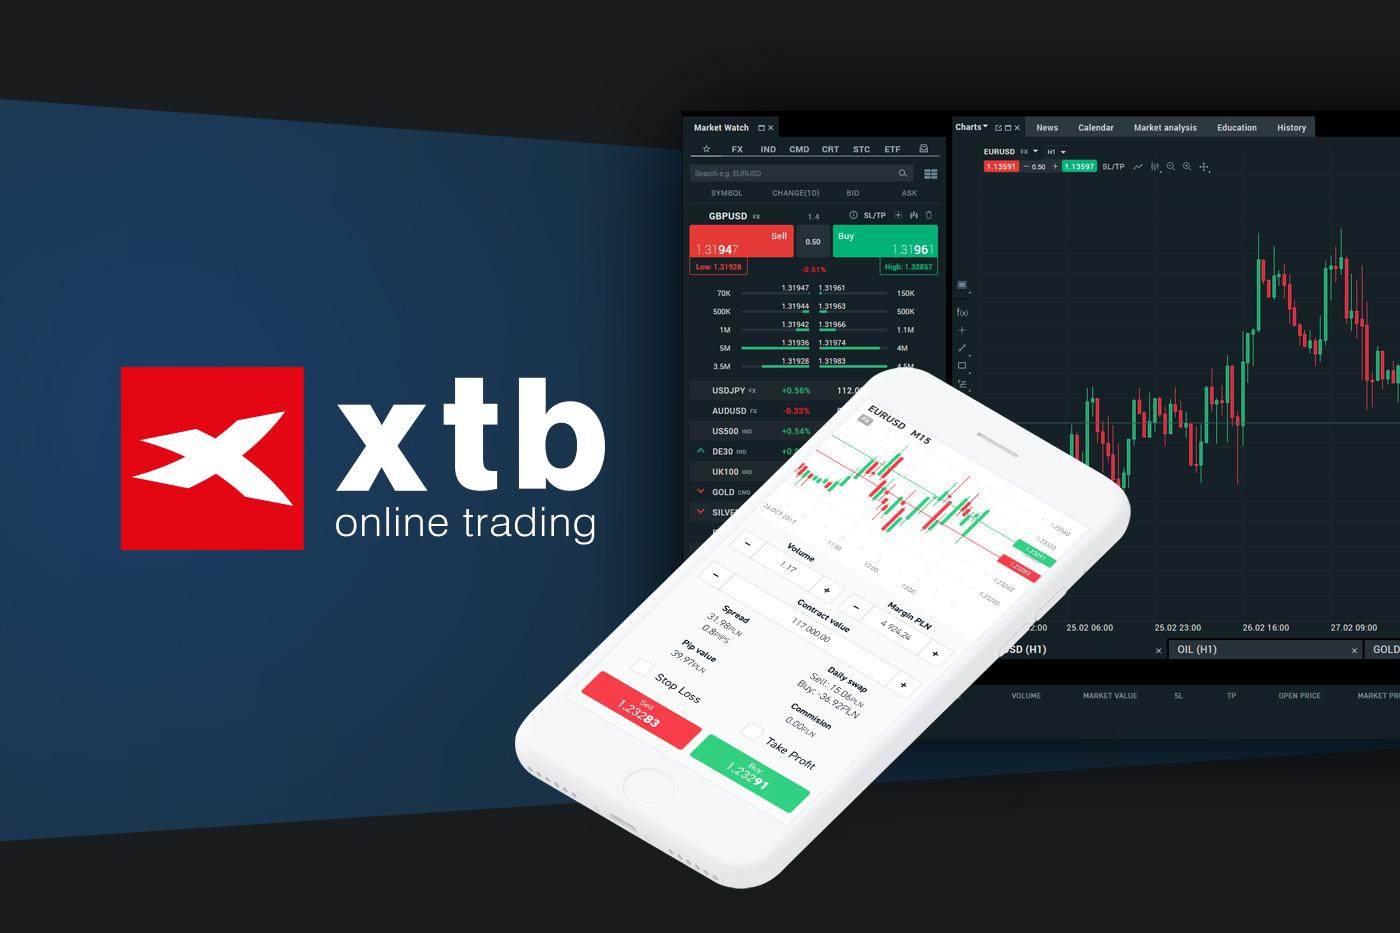 XTB cung cấp 2 loại tài khoản chính cho trader lựa chọn